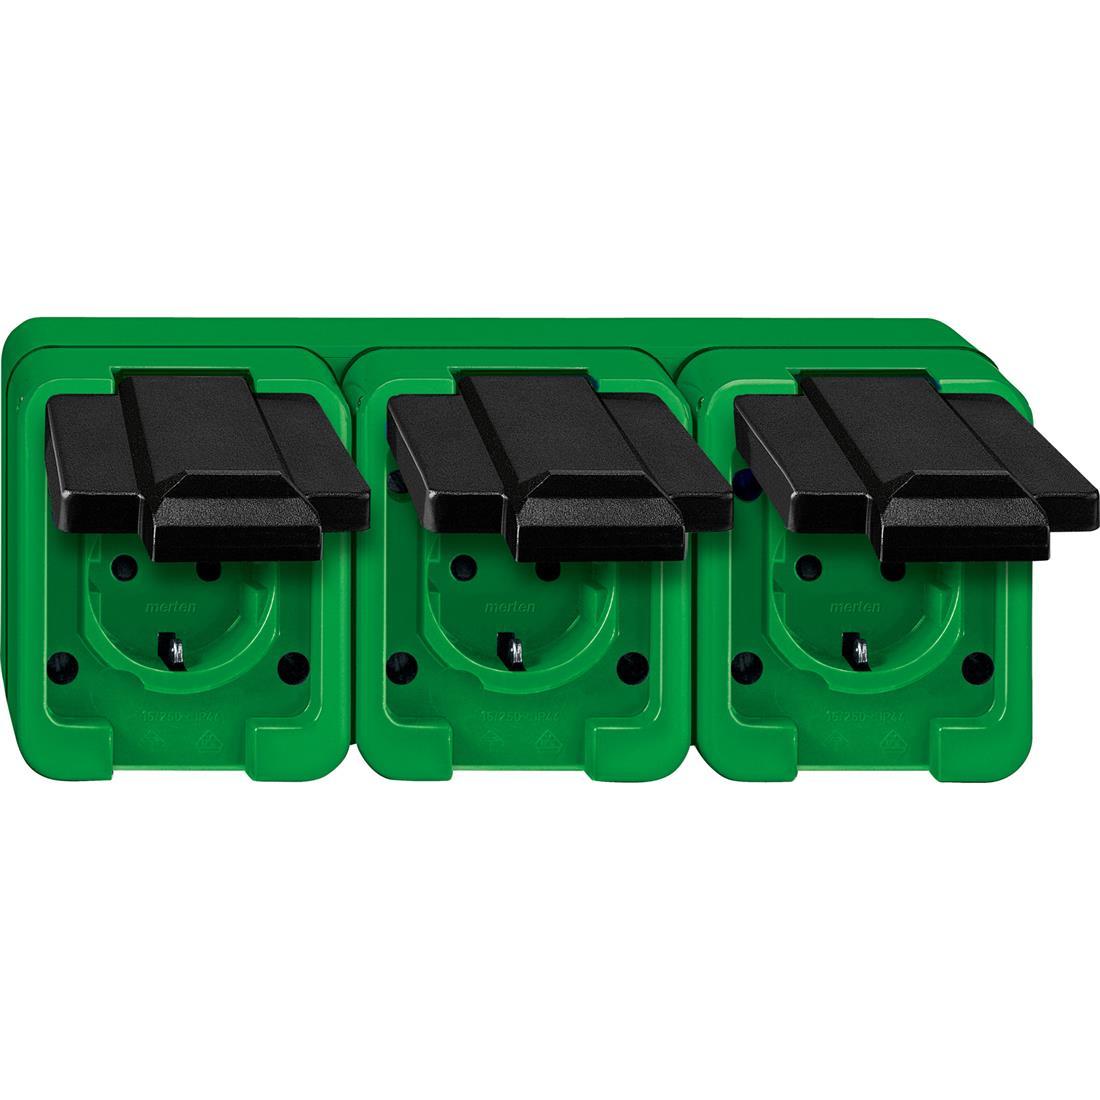 Schneider-Merten Agrar 3-voudig wandcontactdoos horizontaal - groen (229377)